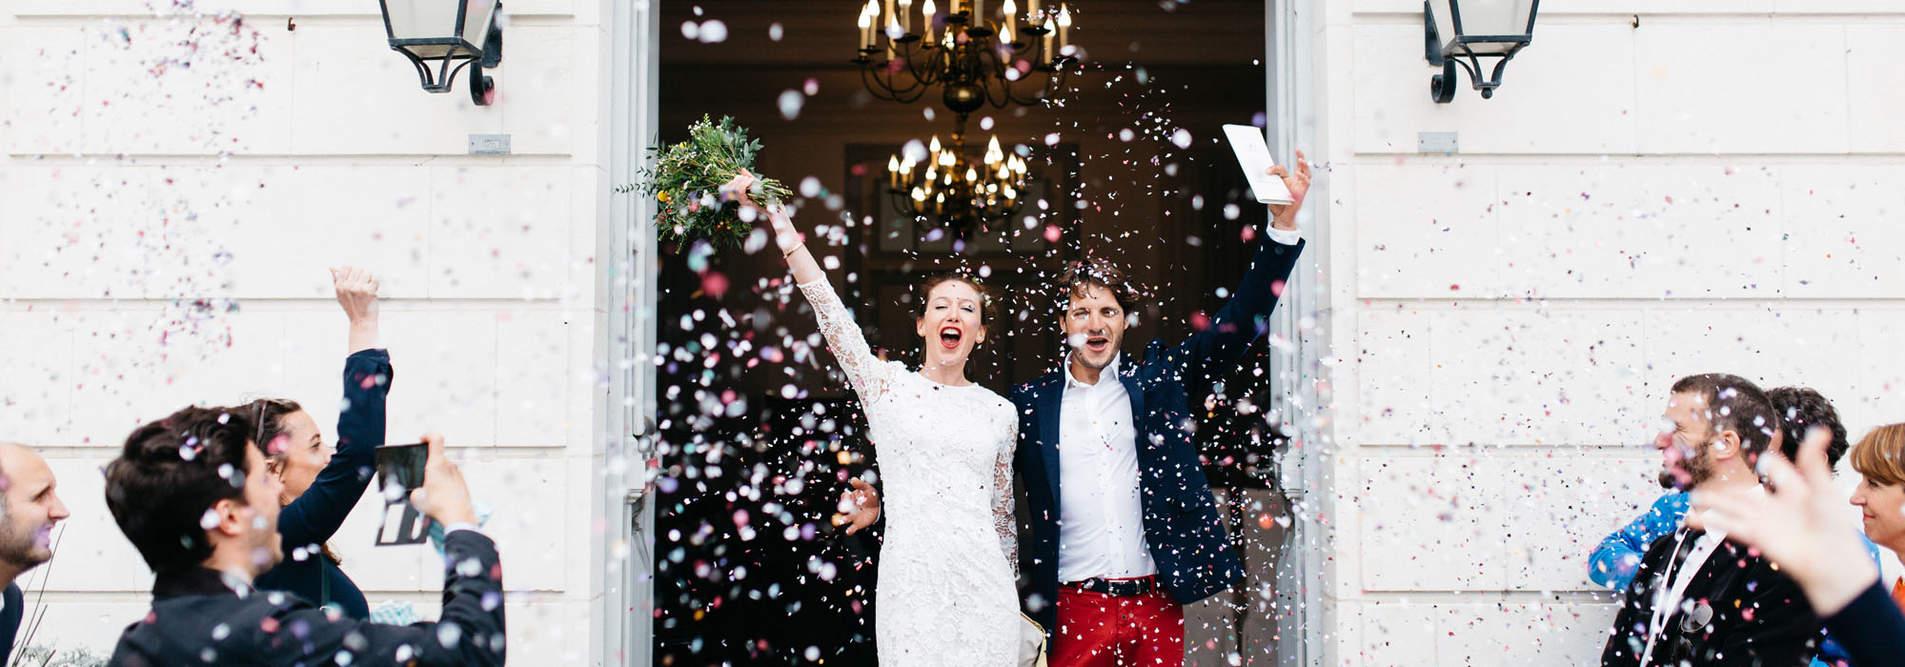 liste de mariage zankyou la liste leader en europe zankyou - Zankyou Liste De Mariage